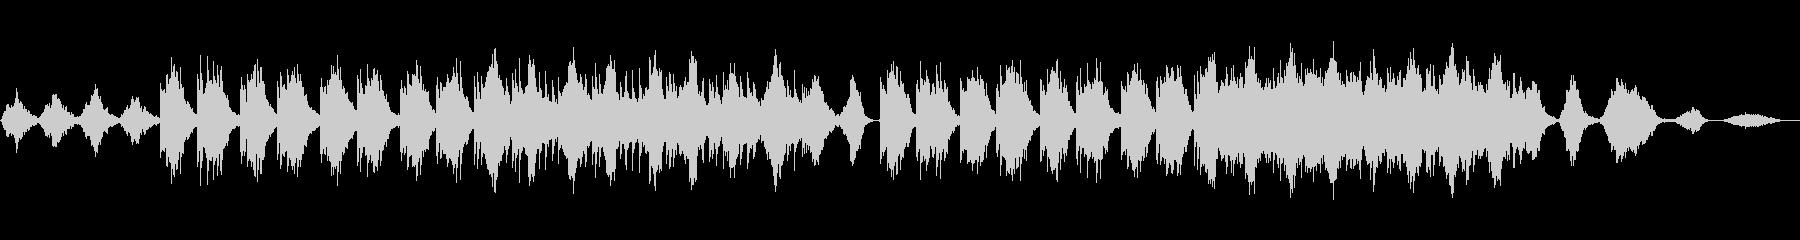 暖かく優しいニューエイジ音楽の未再生の波形